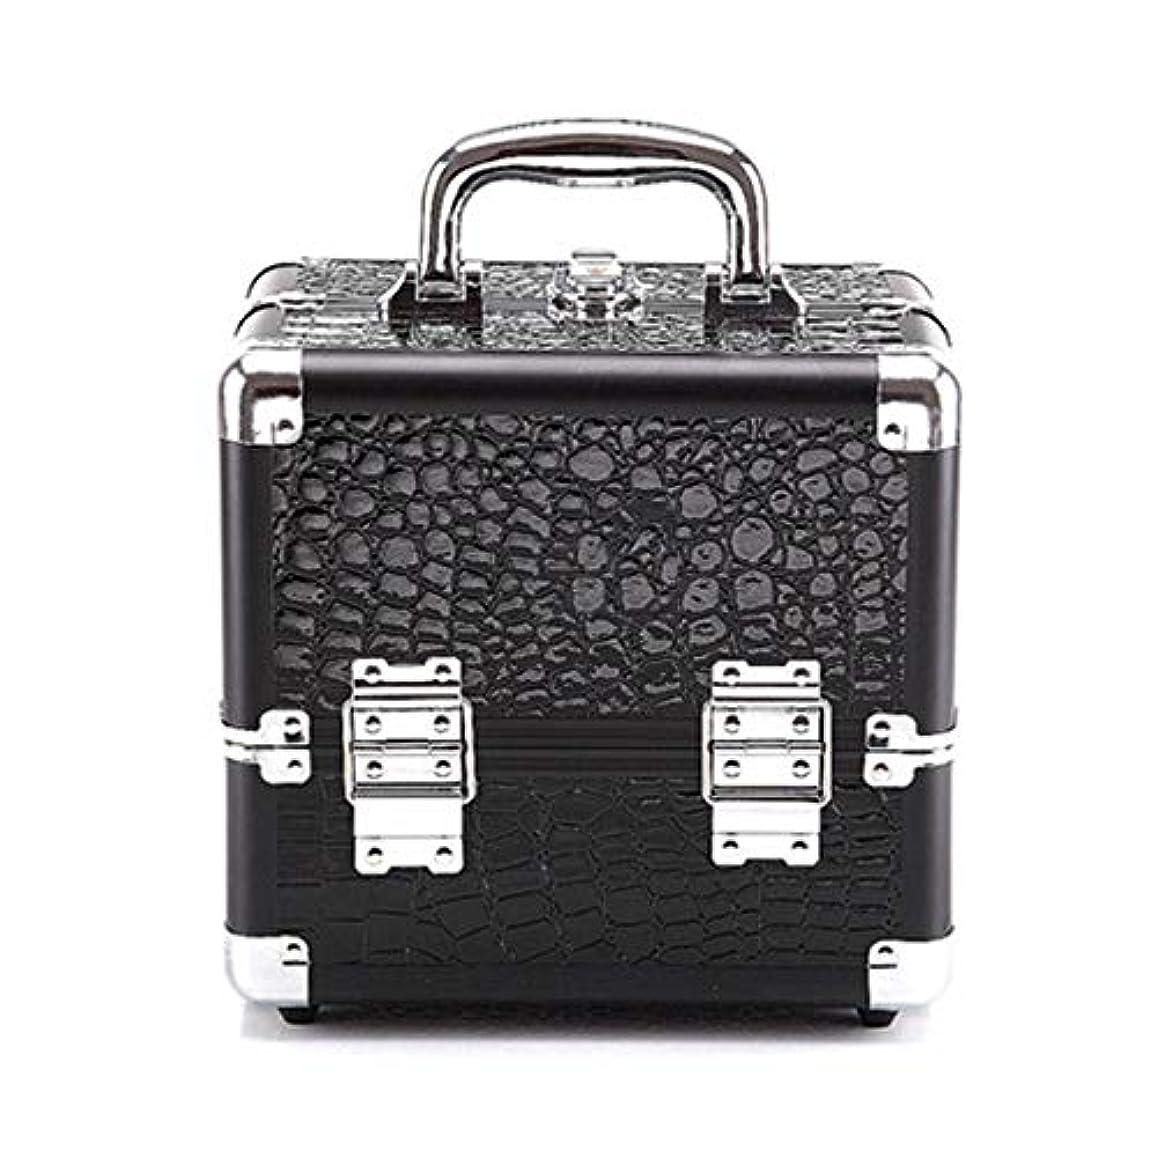 気晴らしブラウズバブル特大スペース収納ビューティーボックス 多機能ポータブル旅行化粧ケース化粧品袋トイレタリーバッグ用十代の女の子女性アーティスト 化粧品化粧台 (色 : Black(S))